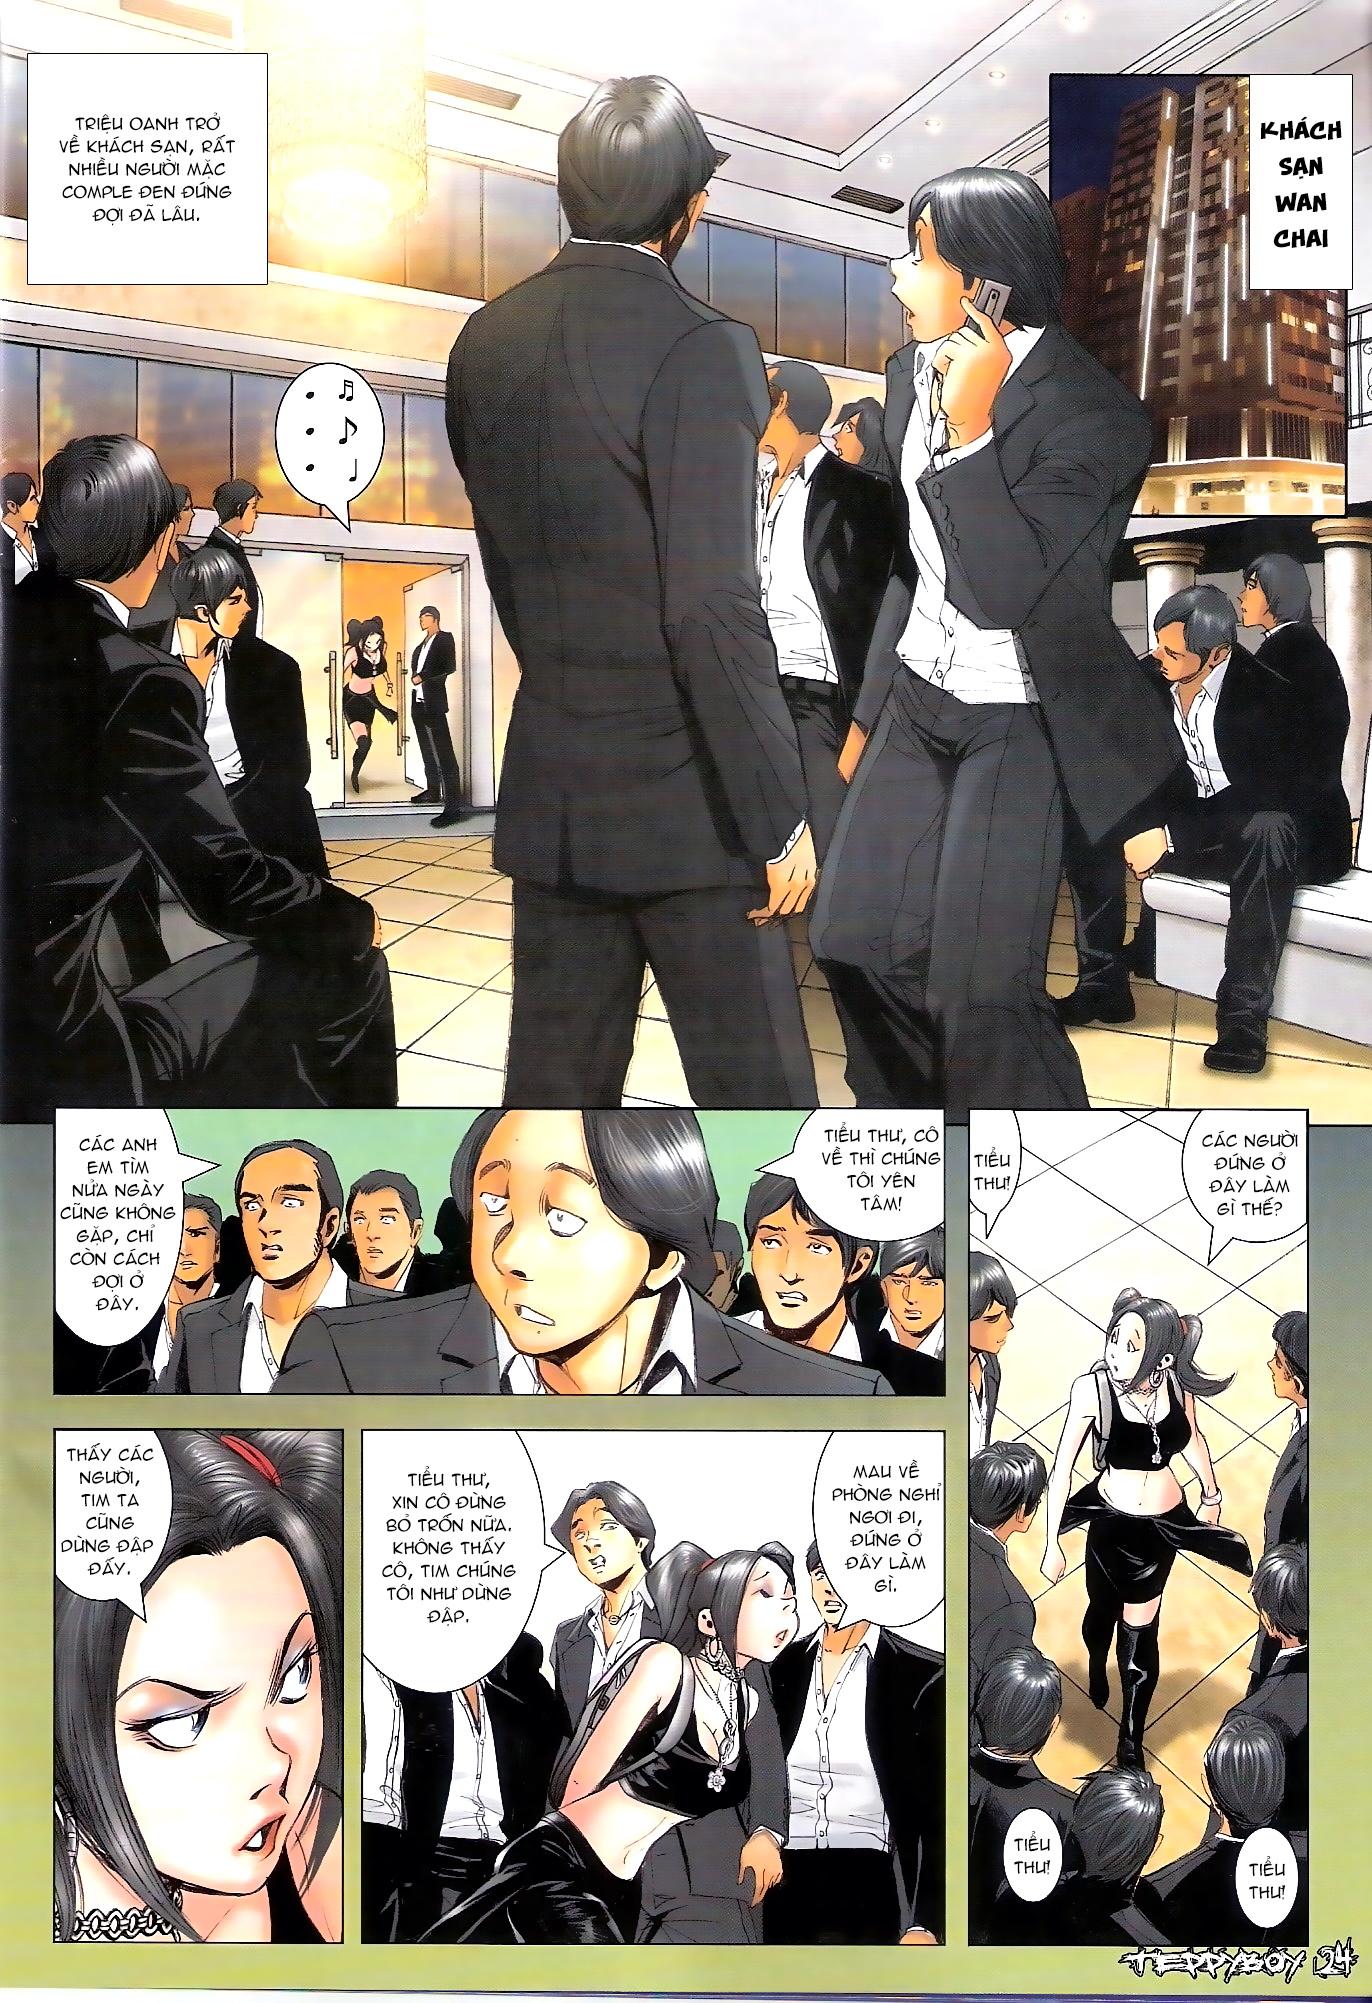 Người Trong Giang Hồ NetTruyen chap 1294 - Trang 21